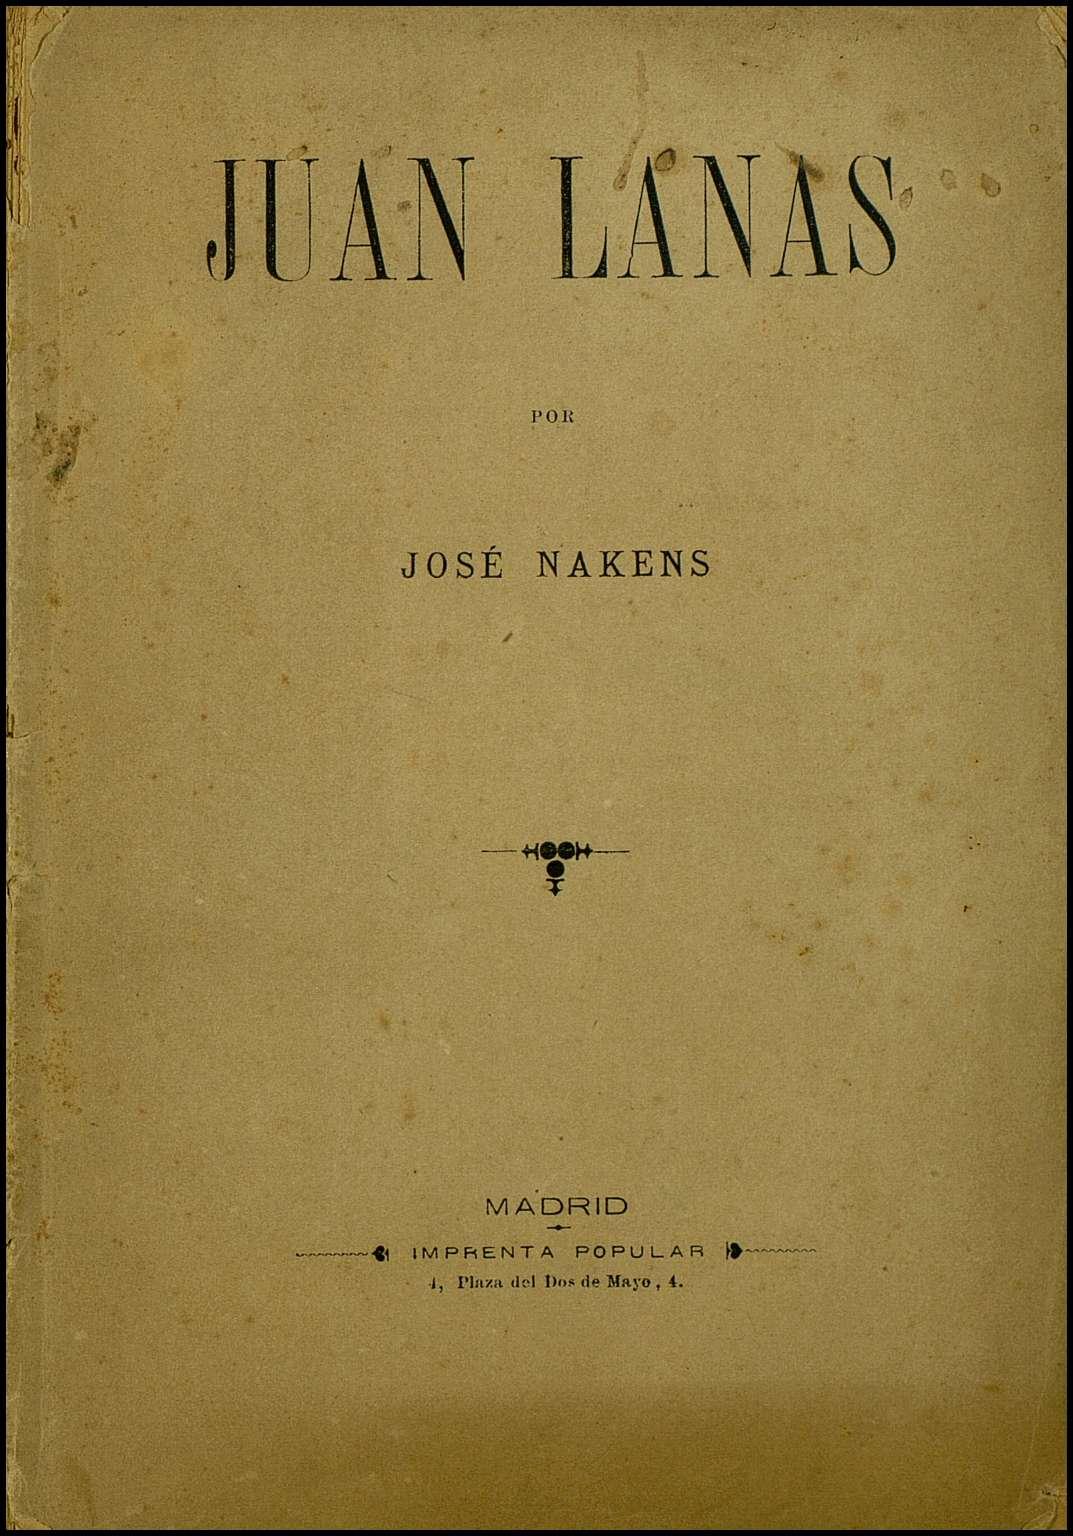 Juan Lanas